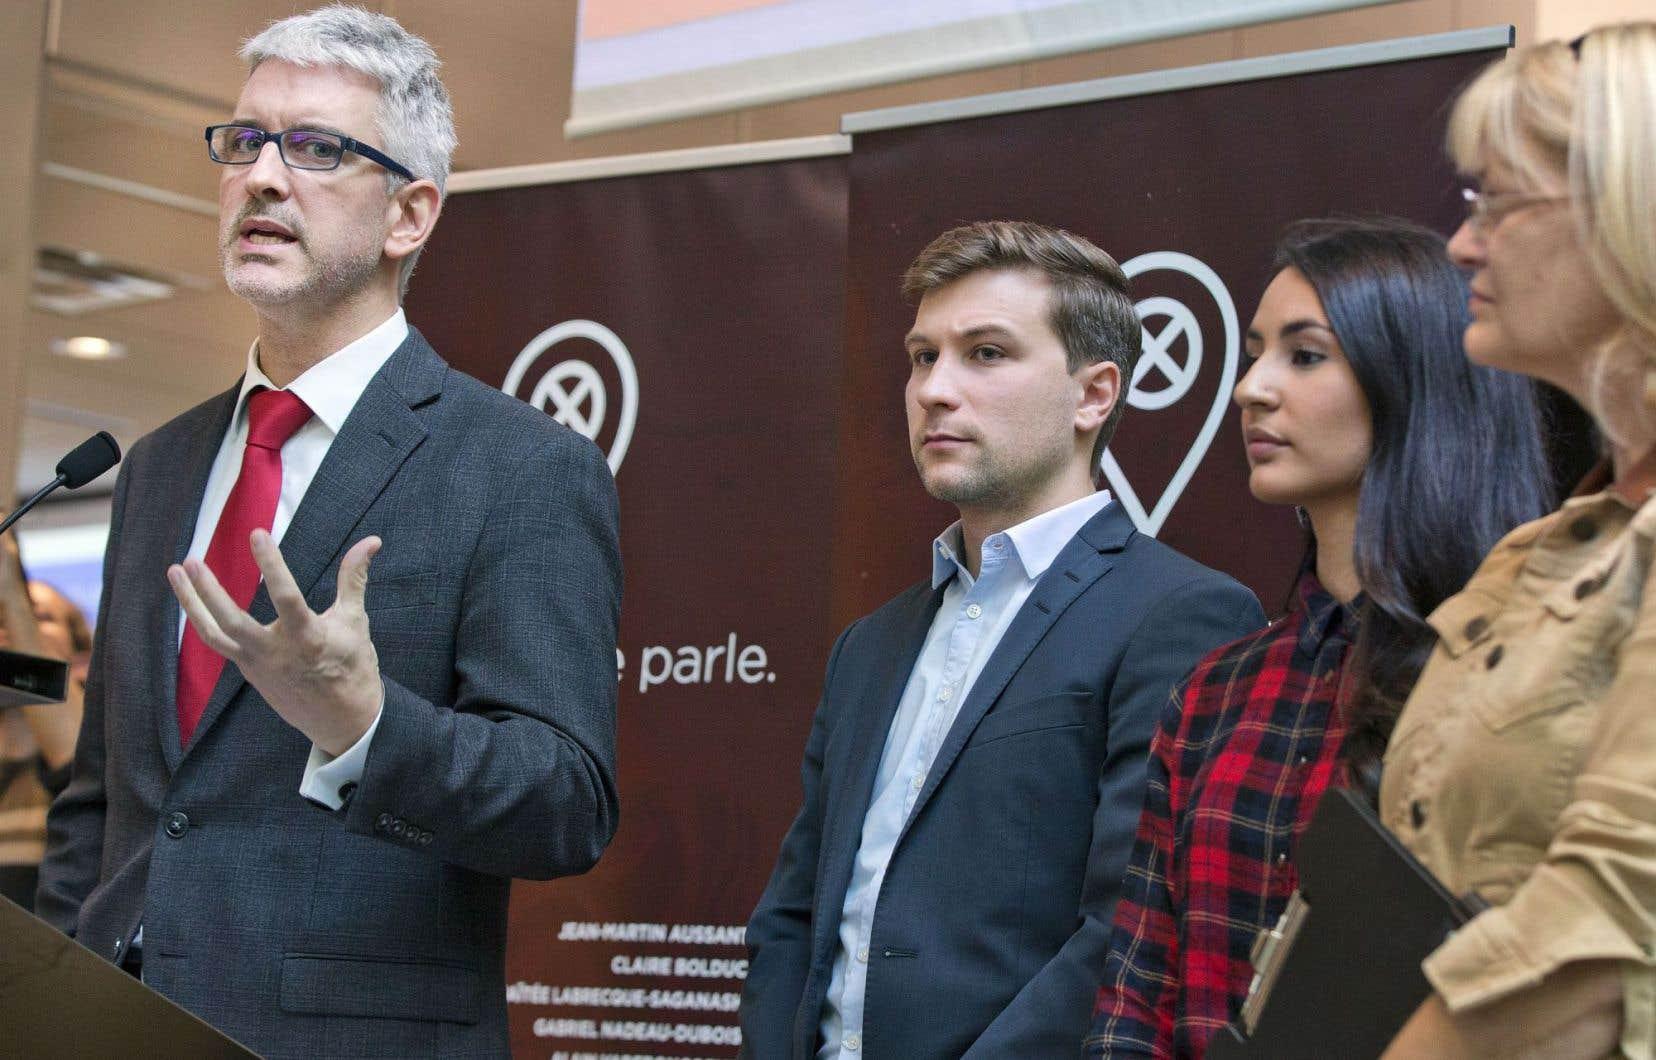 Jean-Martin Aussant, Gabriel Nadeau-Dubois, Maïtée Labrecque-Saganash et Claire Bolduc au lancement de leur initiative politique non partisane en septembre2016